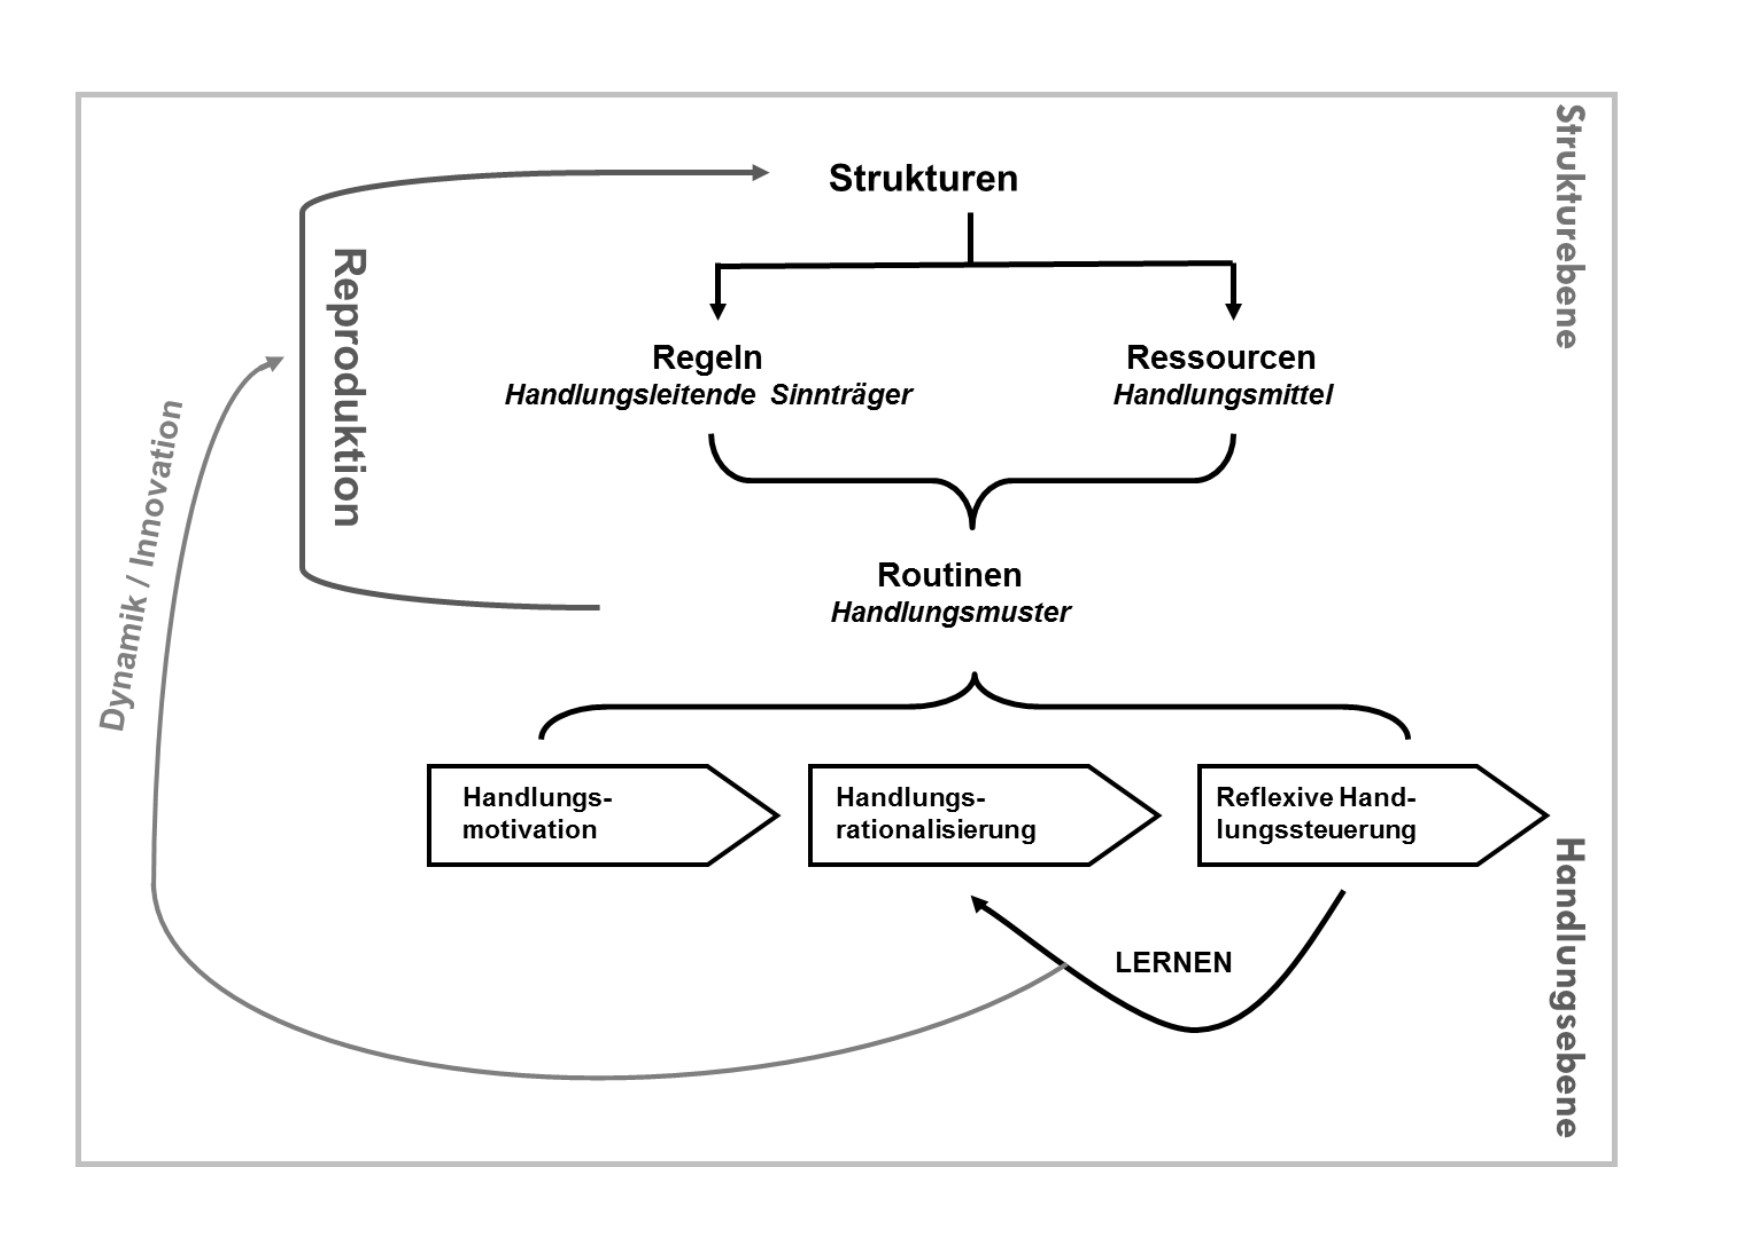 online Выполнение и защита выпускной квалификационной работы по специальности 080109 Бухгалтерский учет, анализ